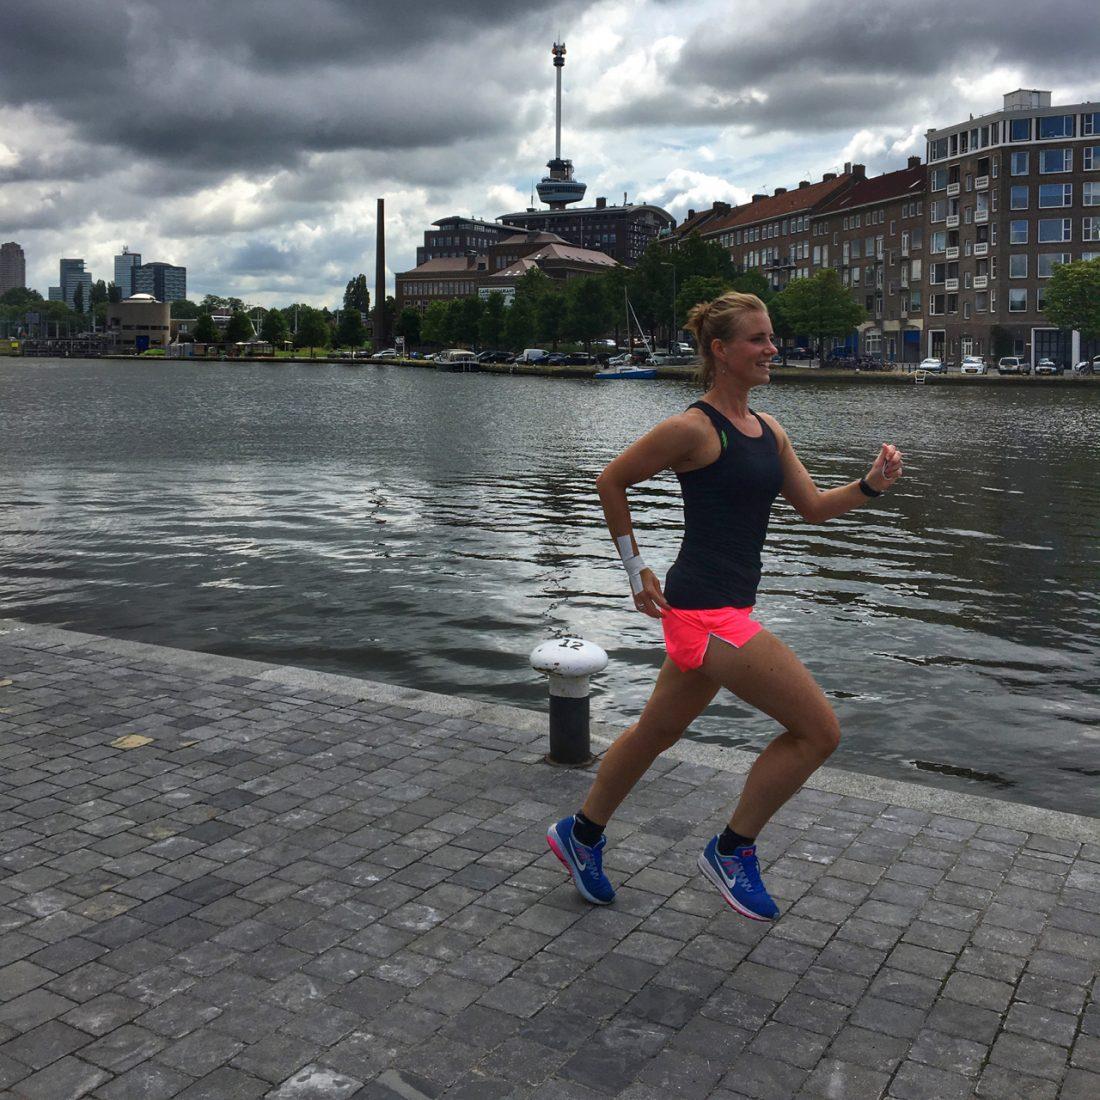 Rennen in rotterdam- Wanderlotje